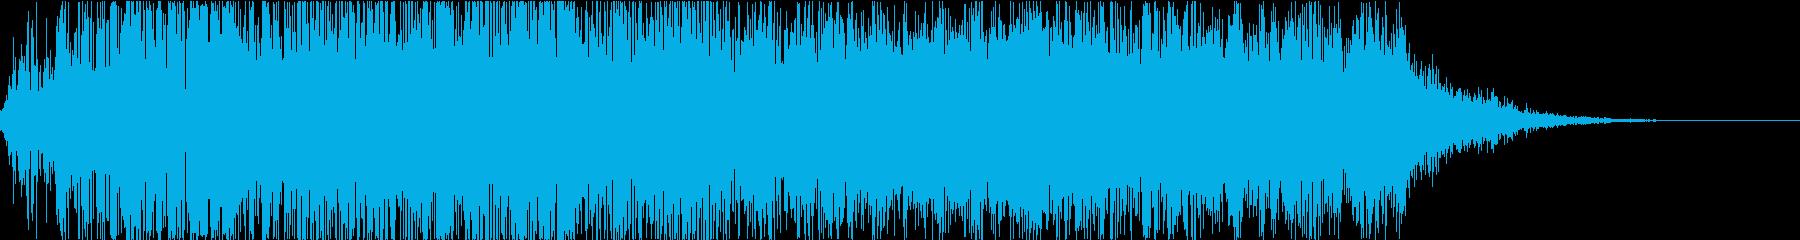 怪物・モンスターの鳴き声・ゲーム・映画の再生済みの波形